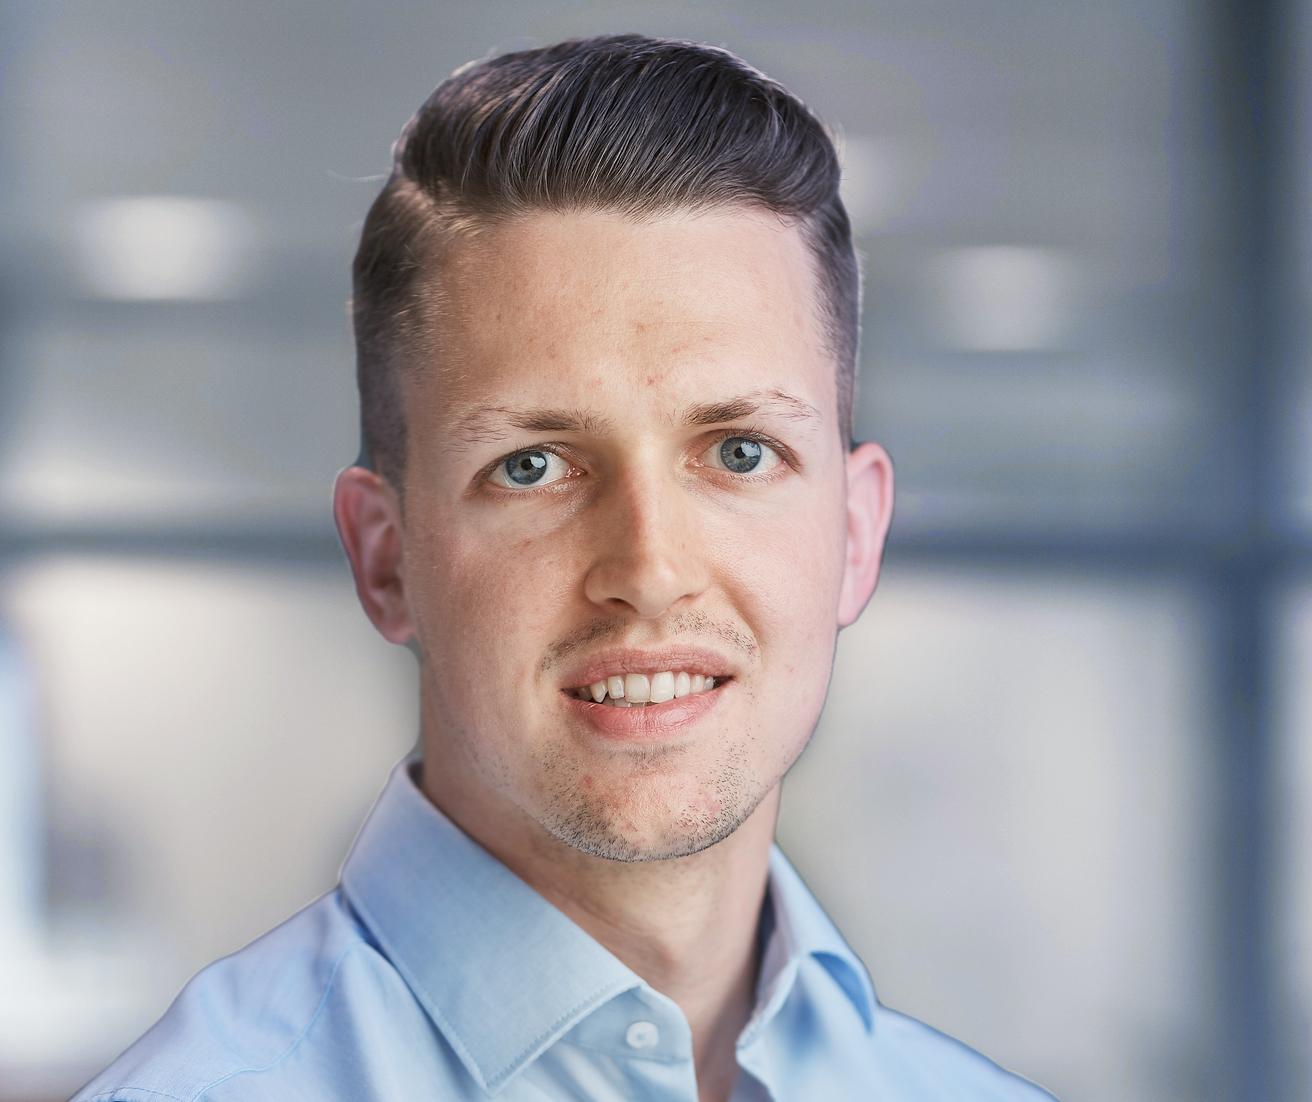 Christian Schuepbach